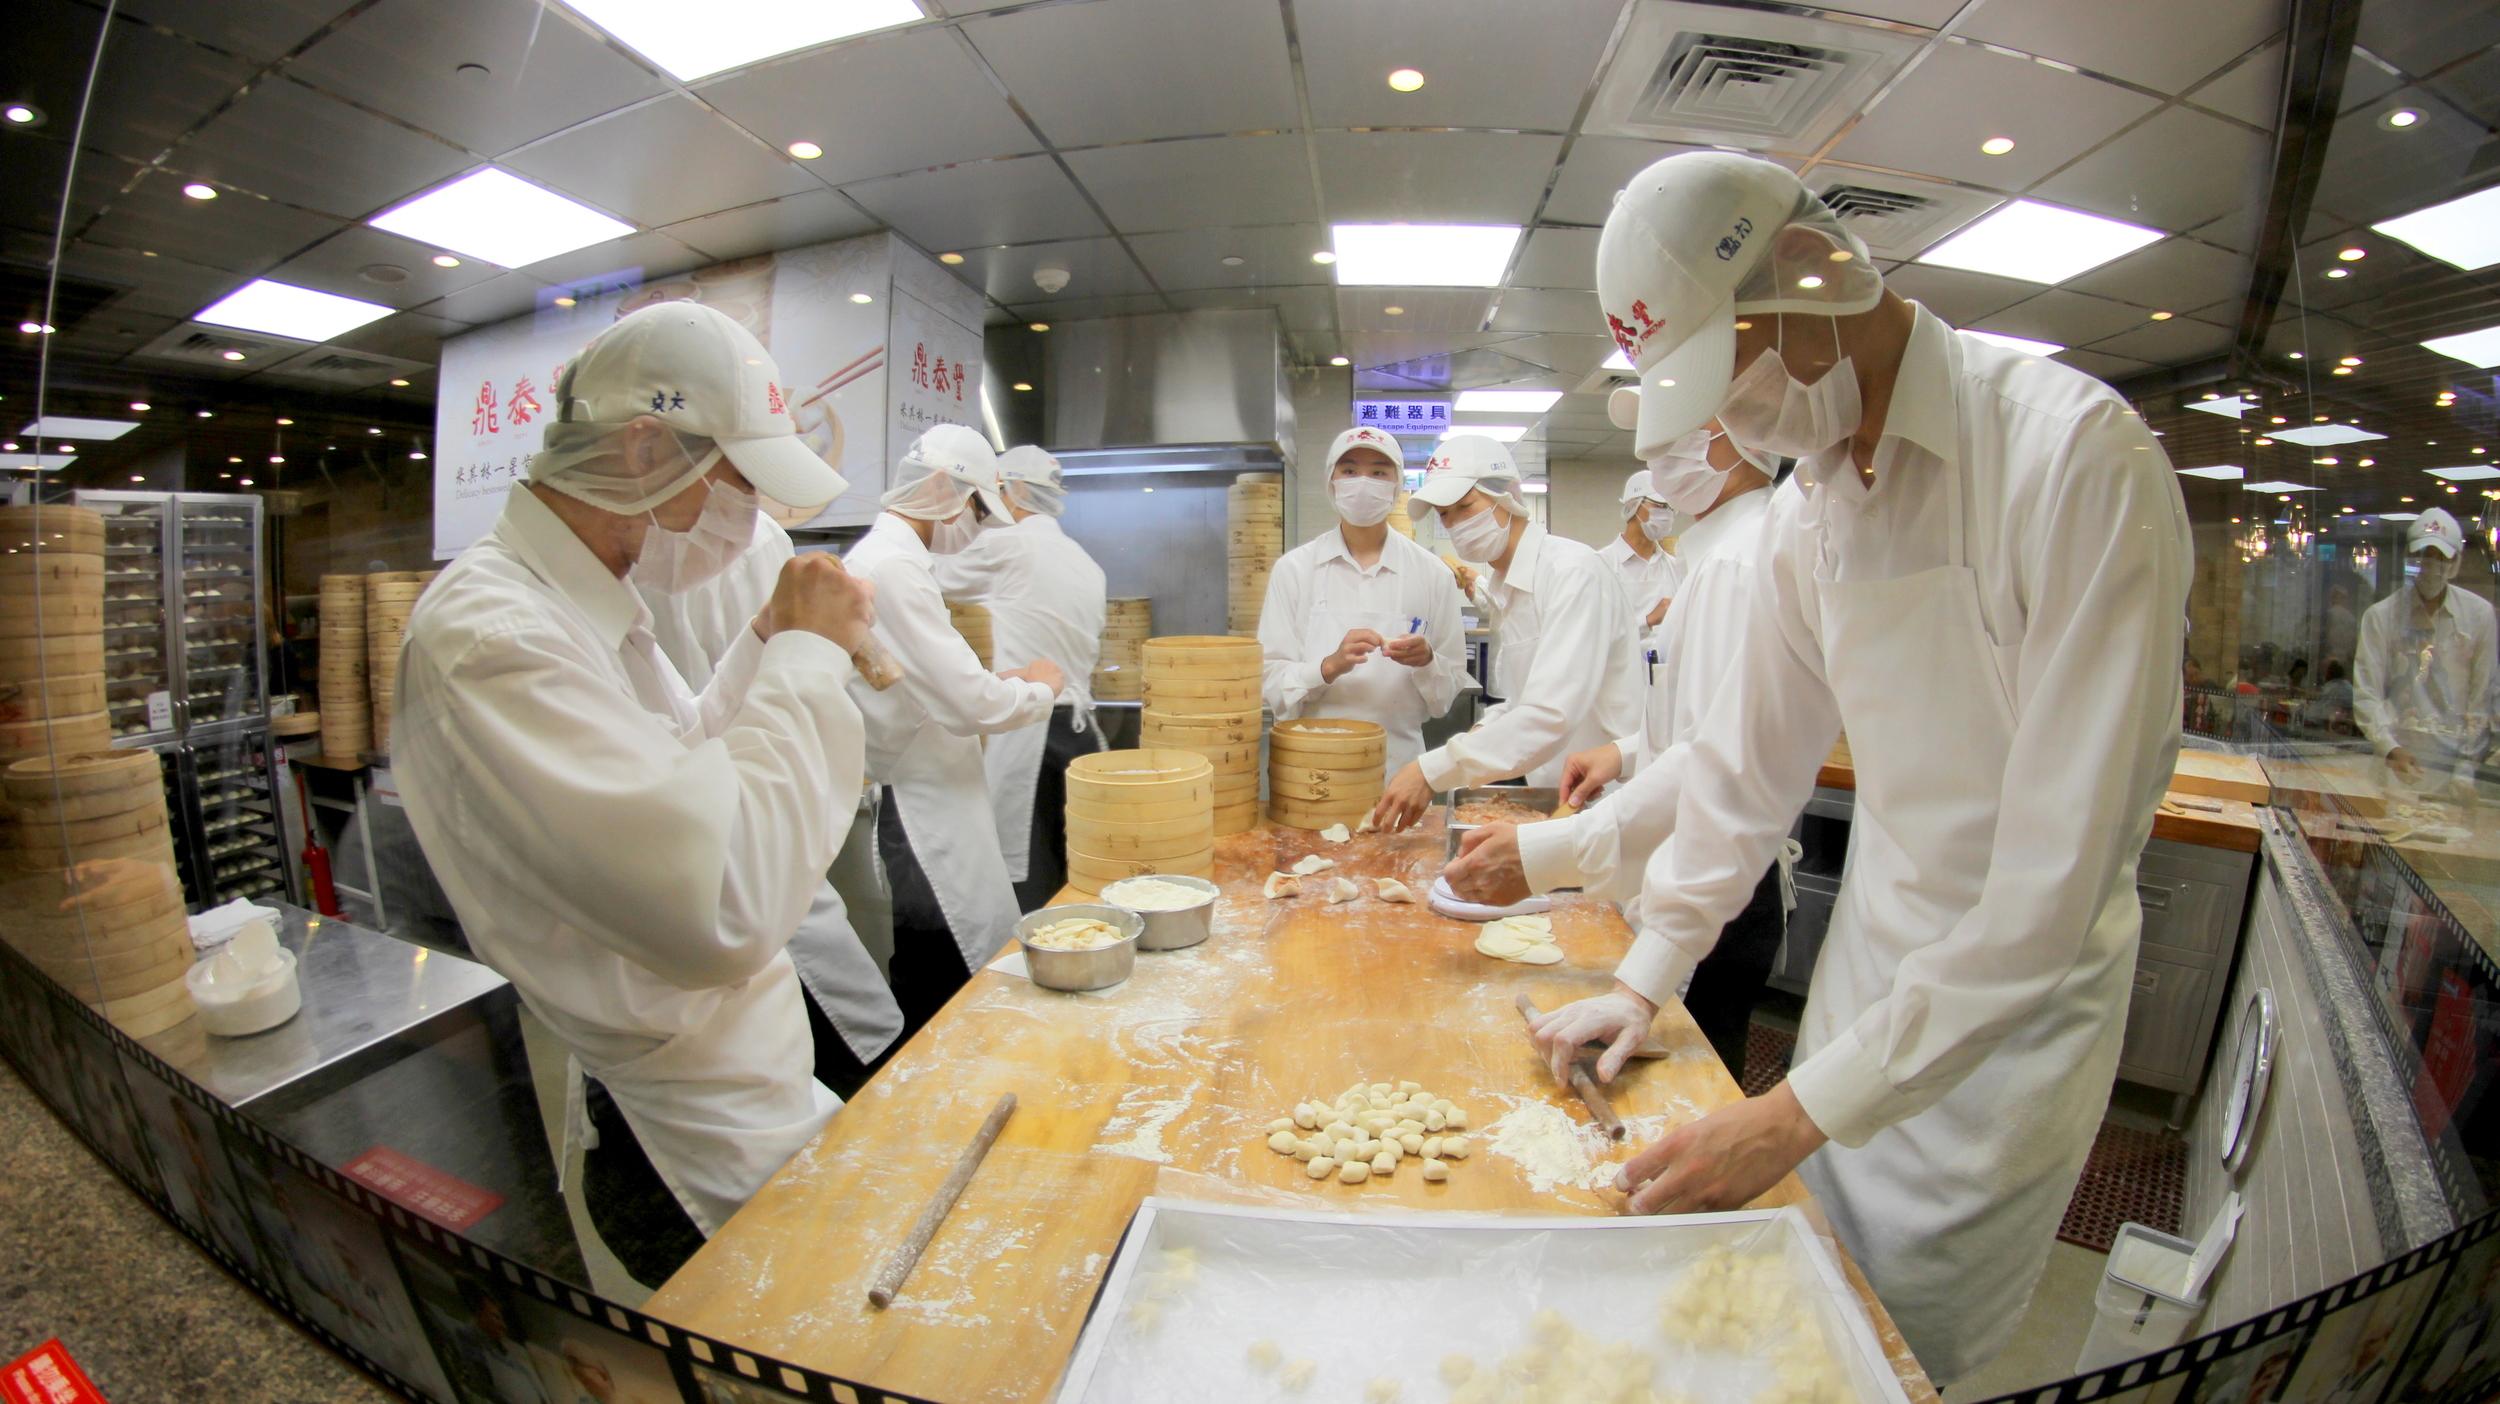 Soup Dumplings (Din Tai Fung)